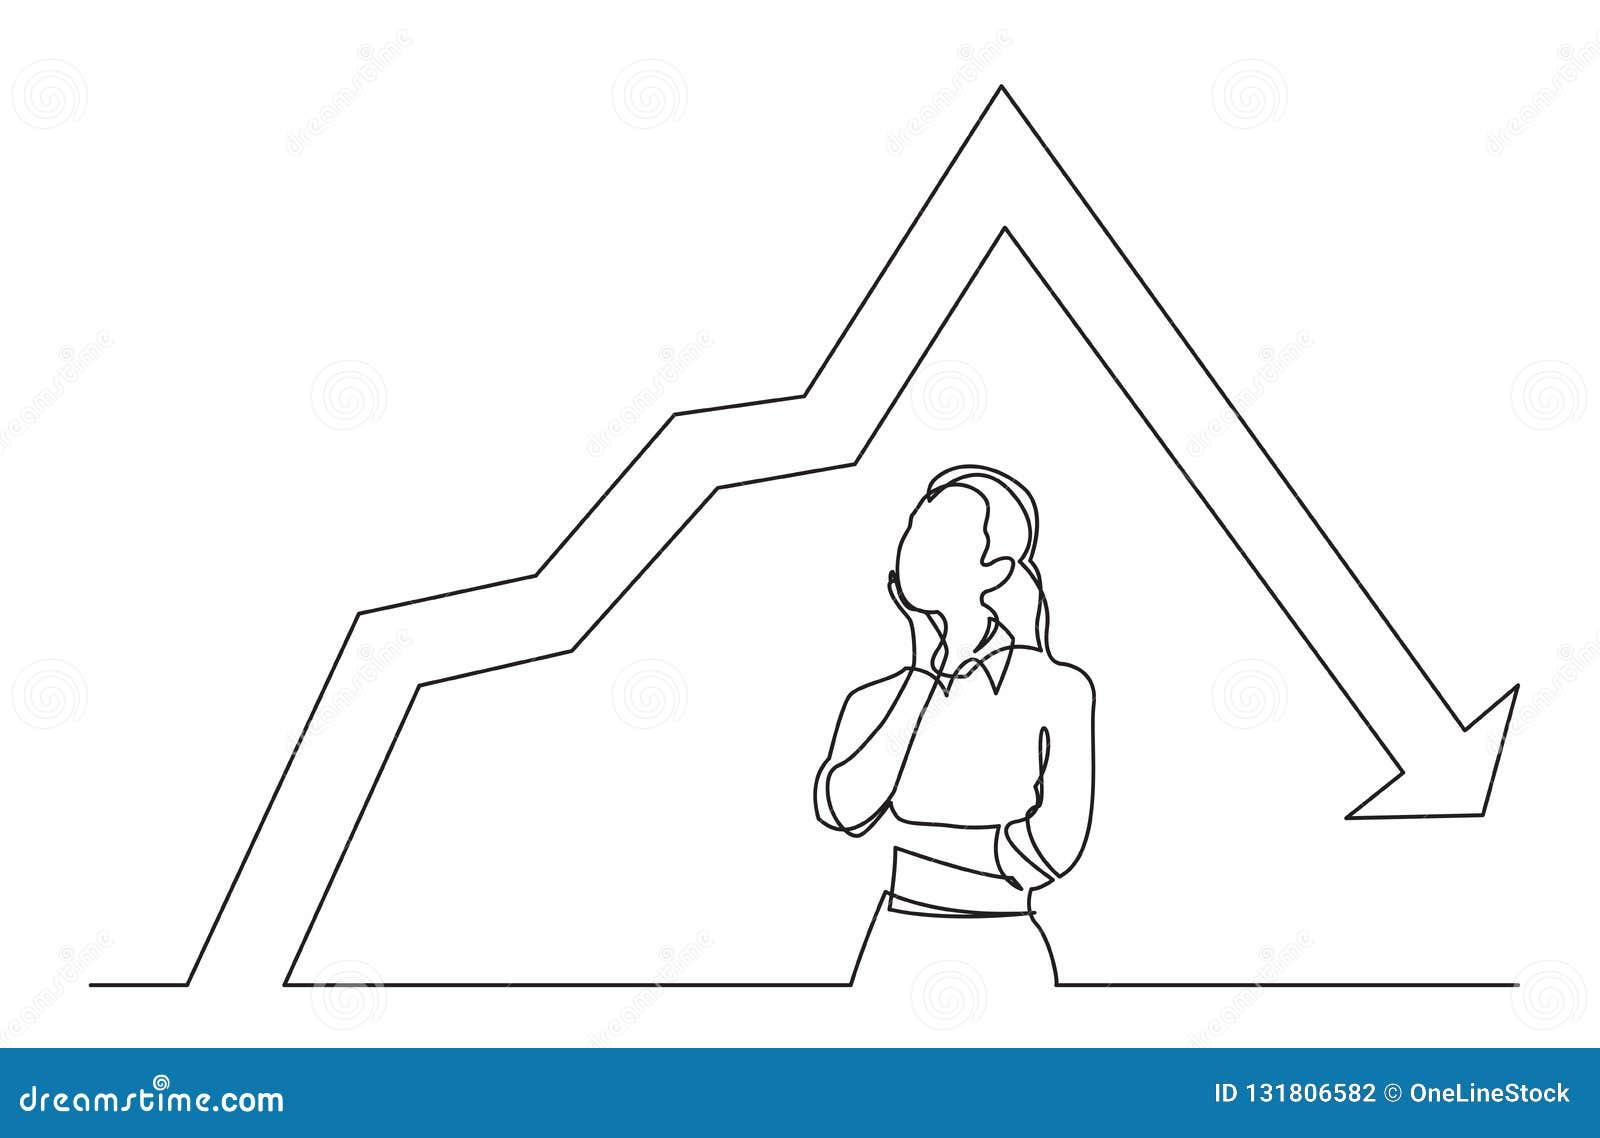 A lápis desenho contínuo da mulher estando que pensa sobre o gráfico de diminuição